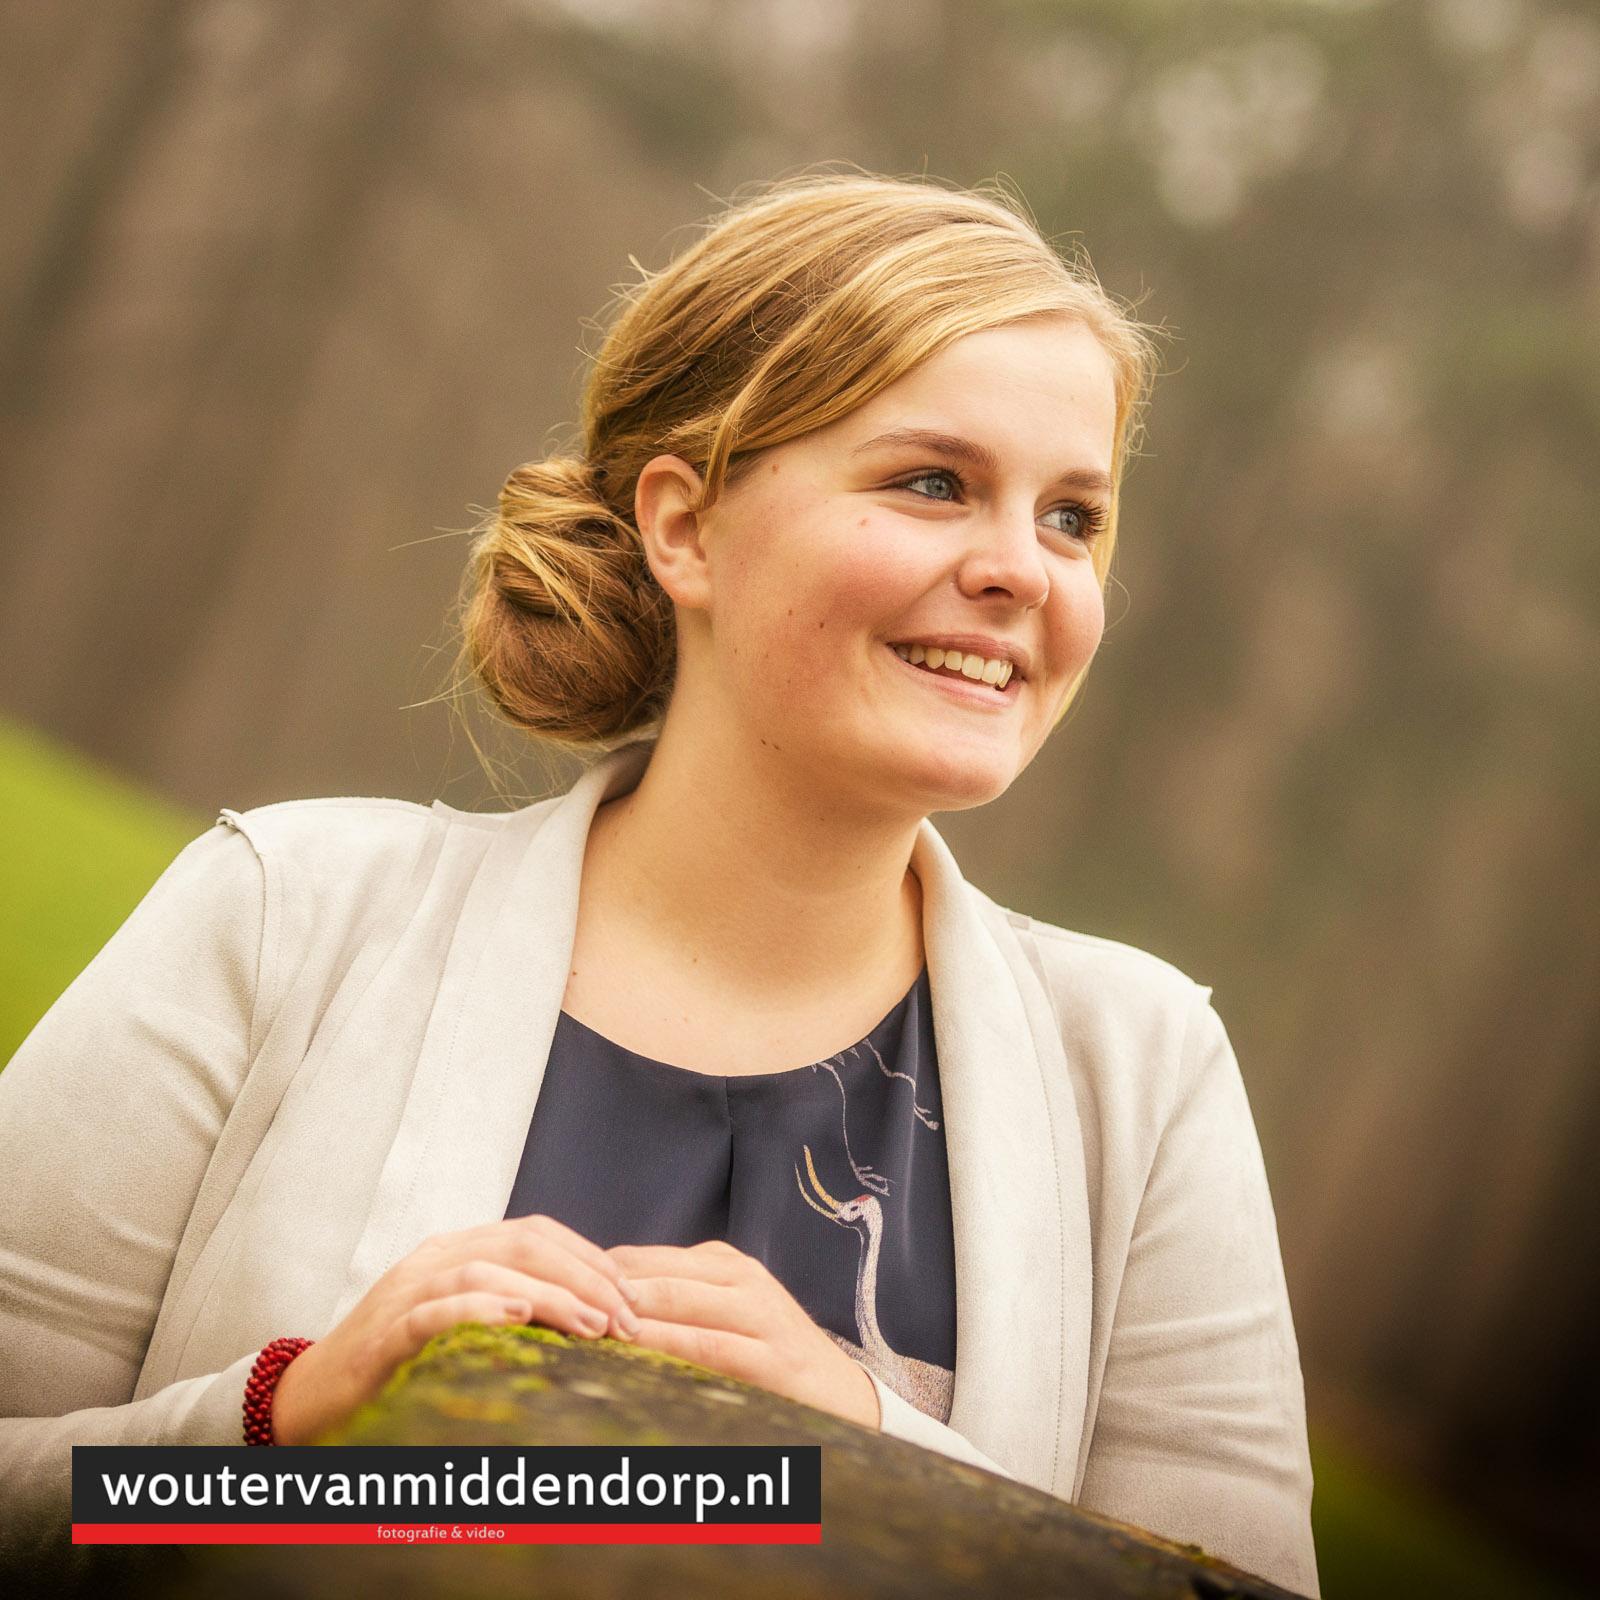 portretfotografie-wouter-van-middendorp-foto-en-video-uddel-53